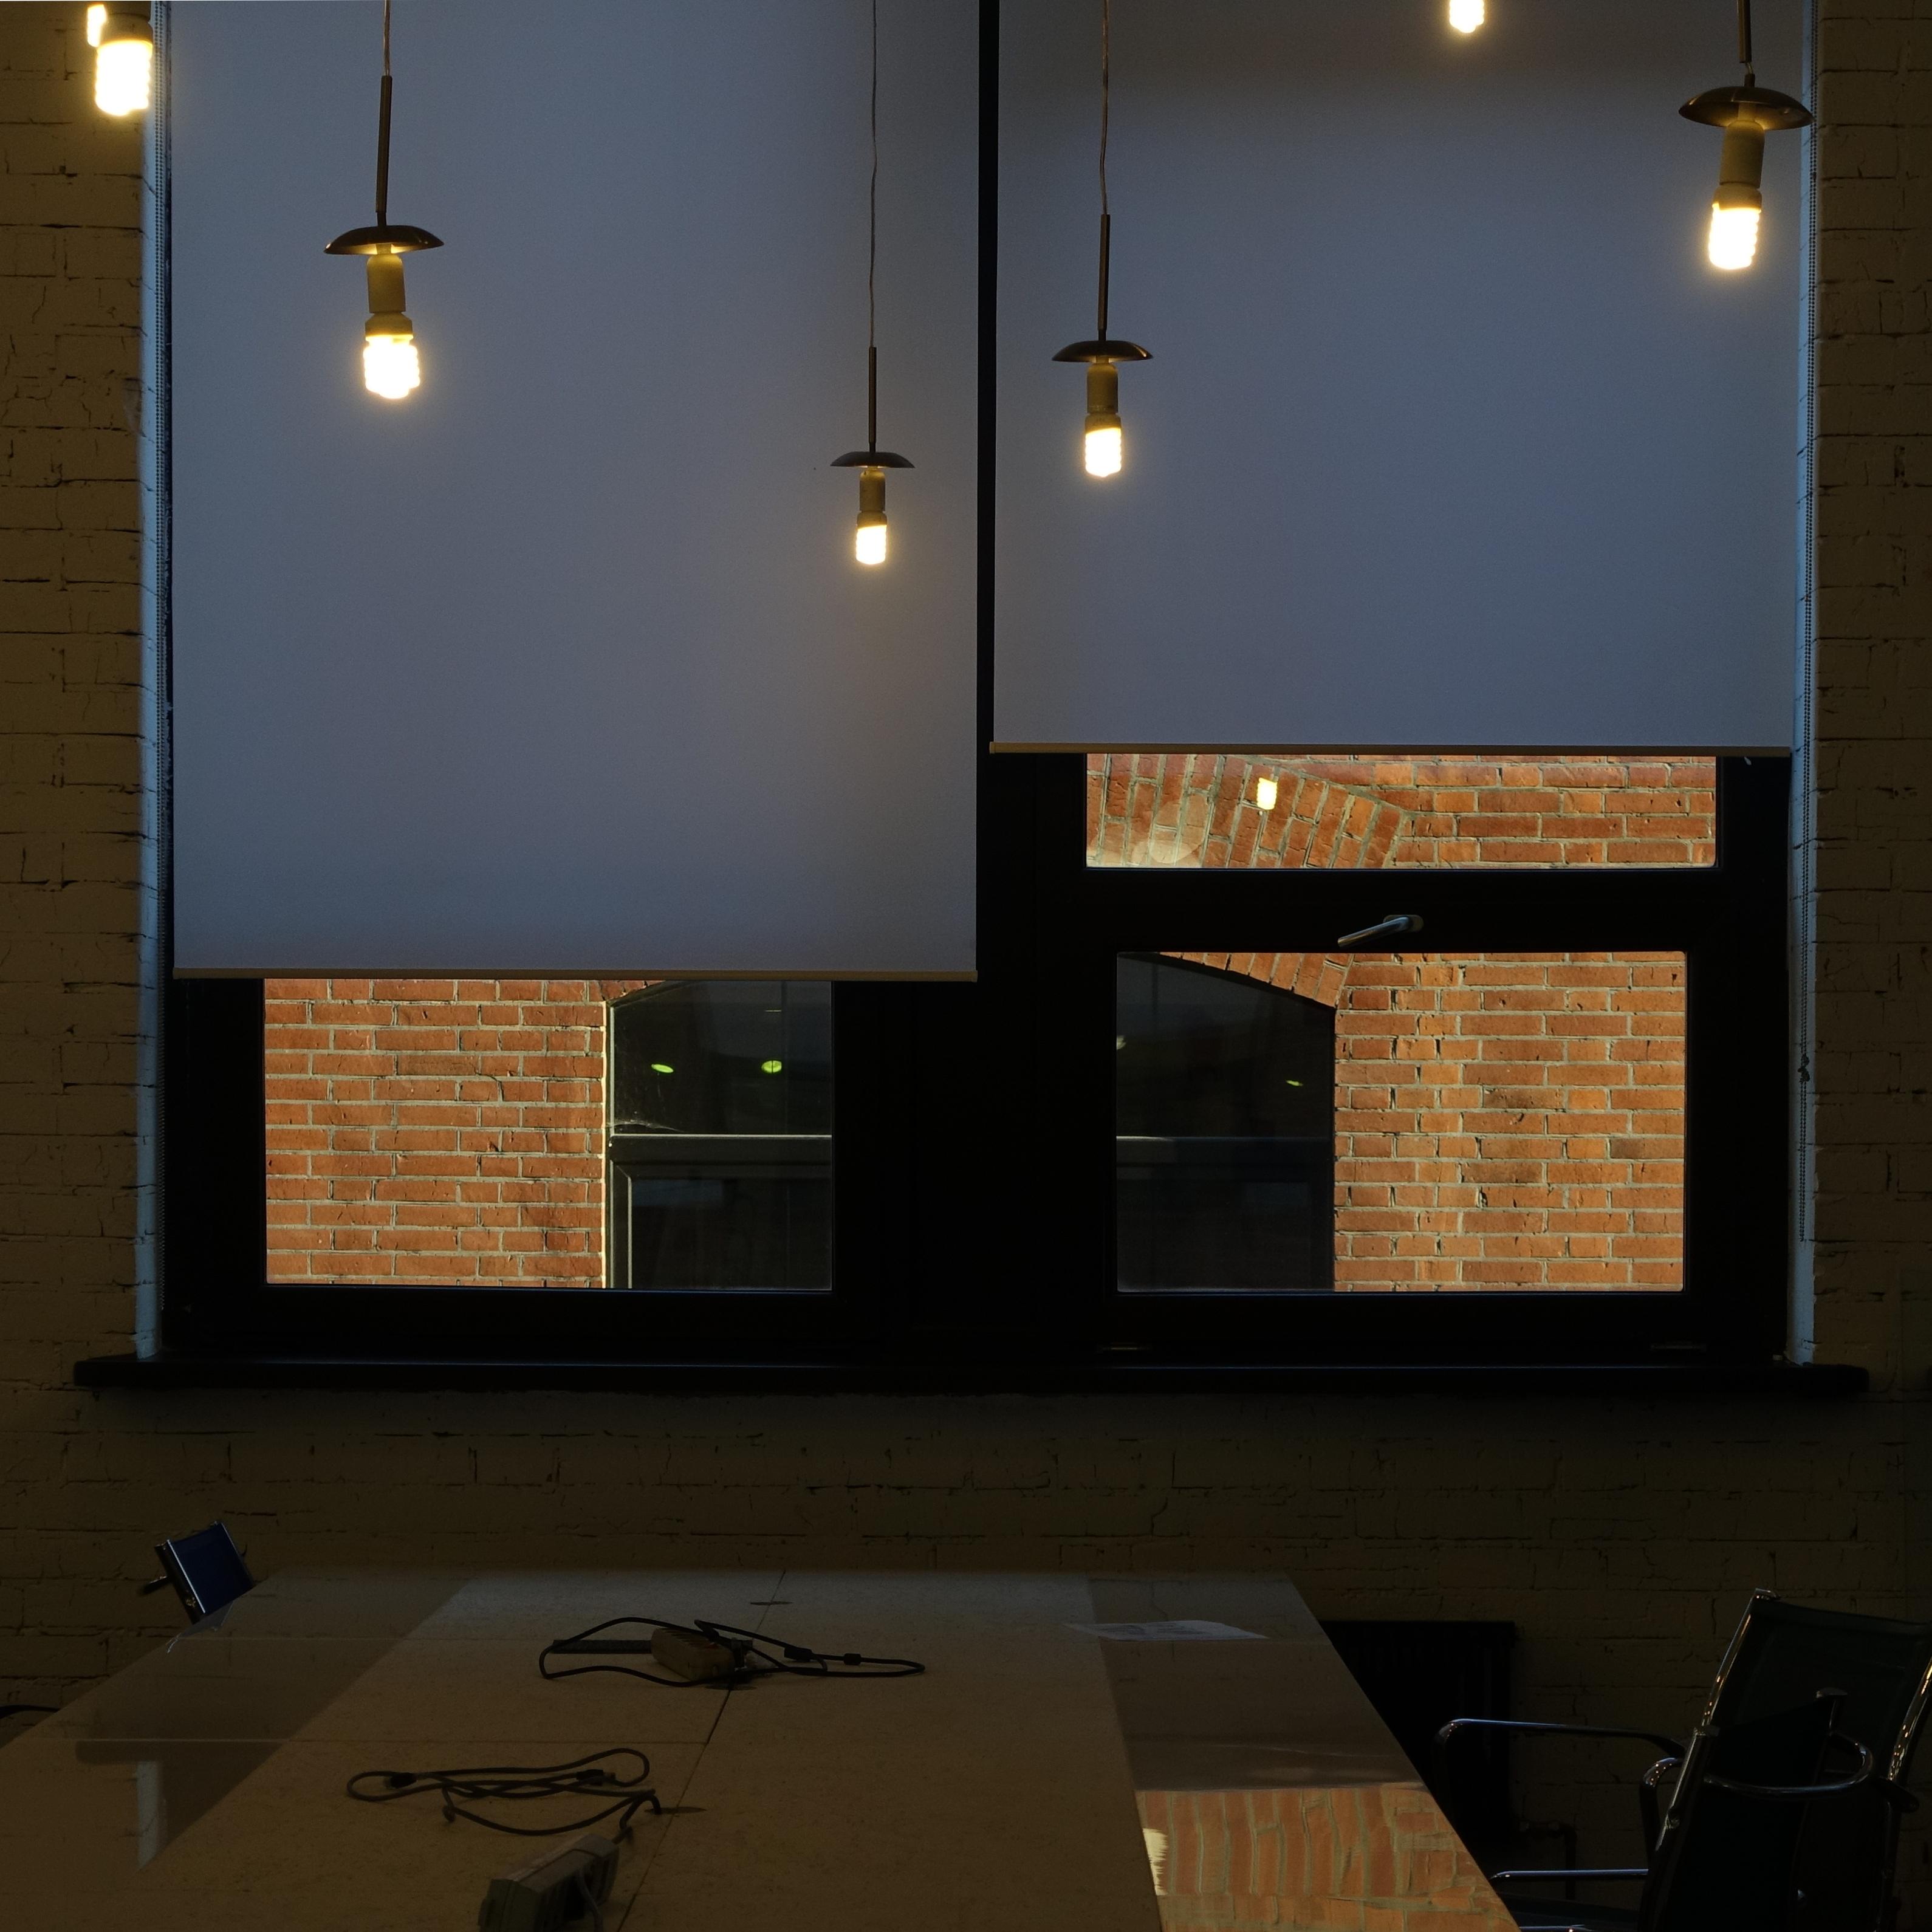 Licht Büro kostenlose foto tabelle licht holz fenster aussicht mauer